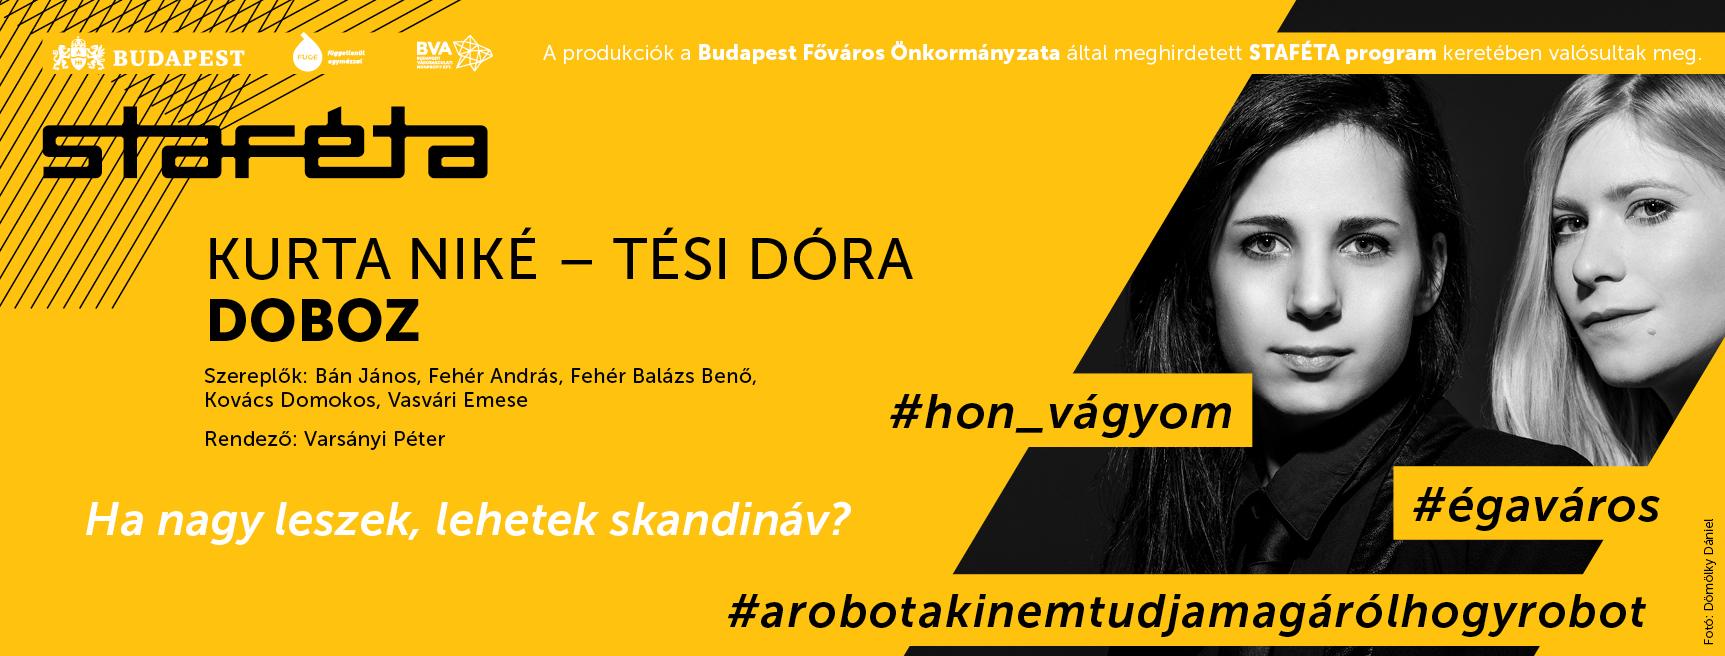 Bemutató: Doboz @ Jurányi Ház @ Jurányi Ház | Budapest | Magyarország